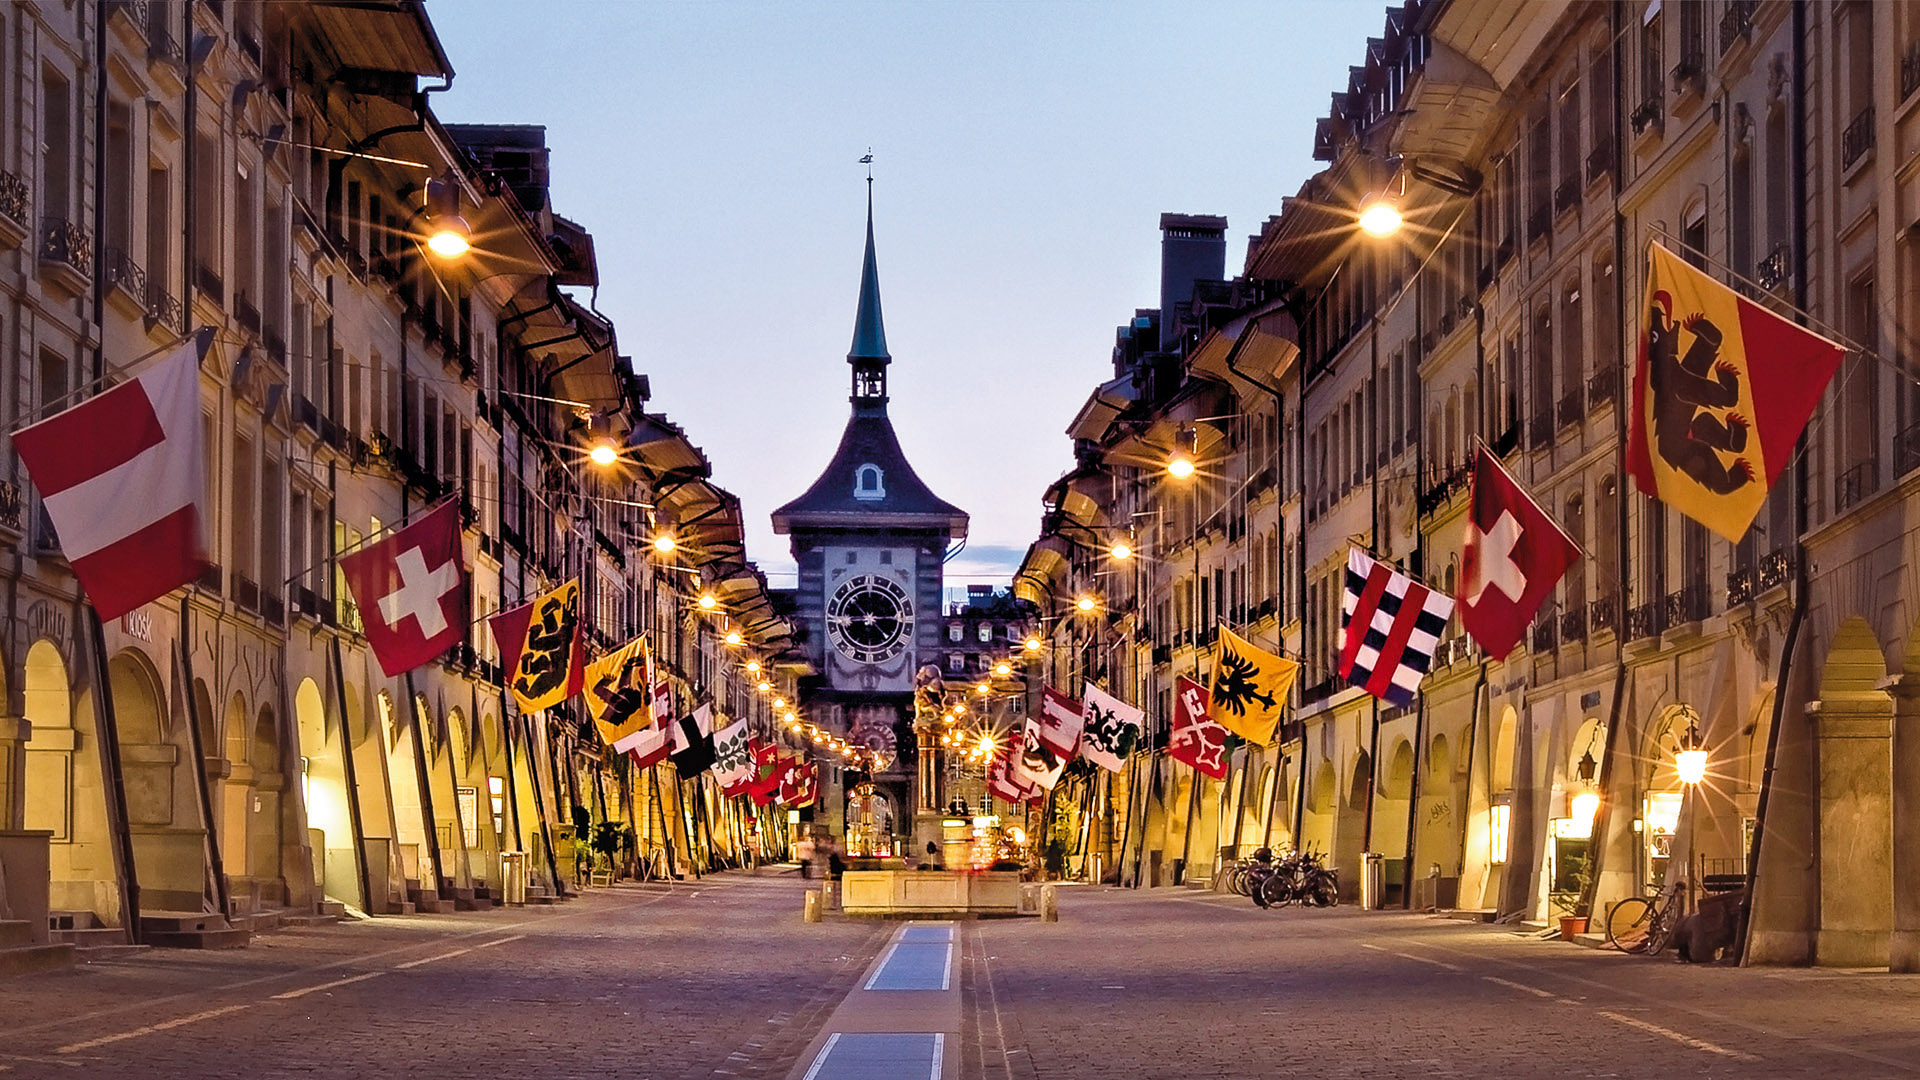 Tourabschnitt 1 - Basel-Neuchâtel